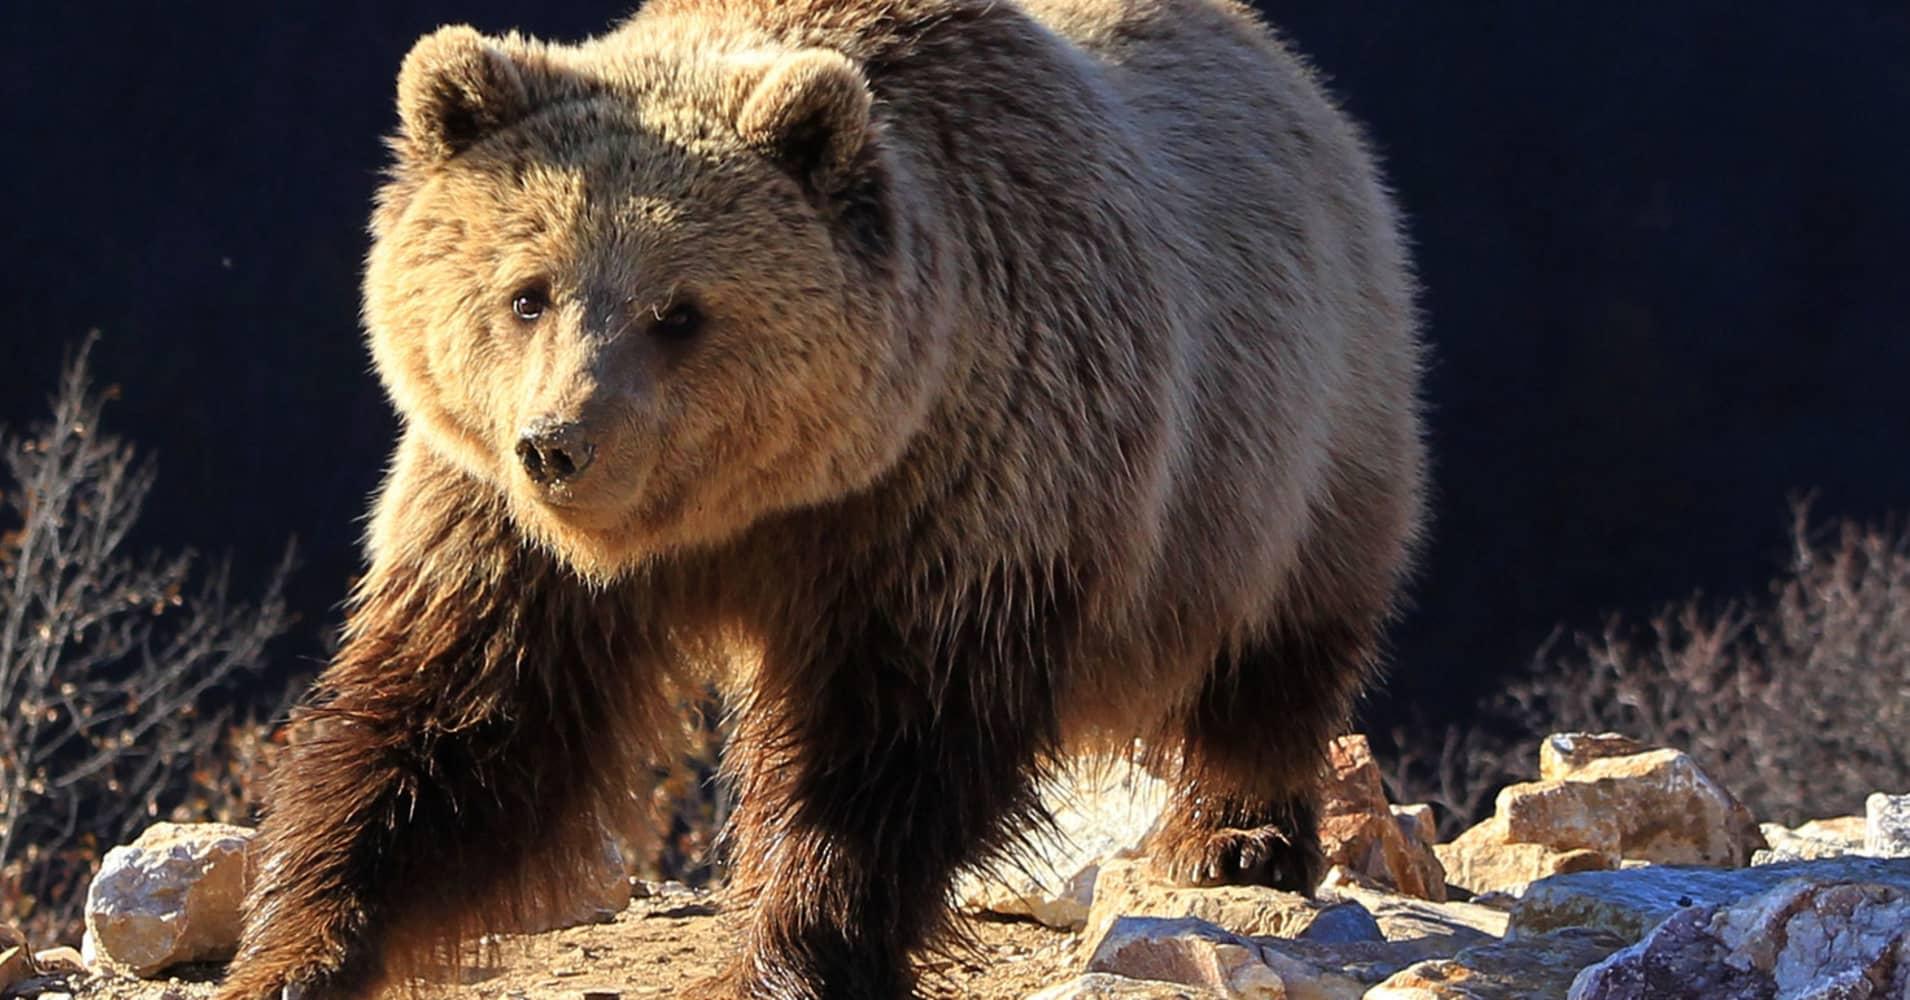 Bear mark yusko